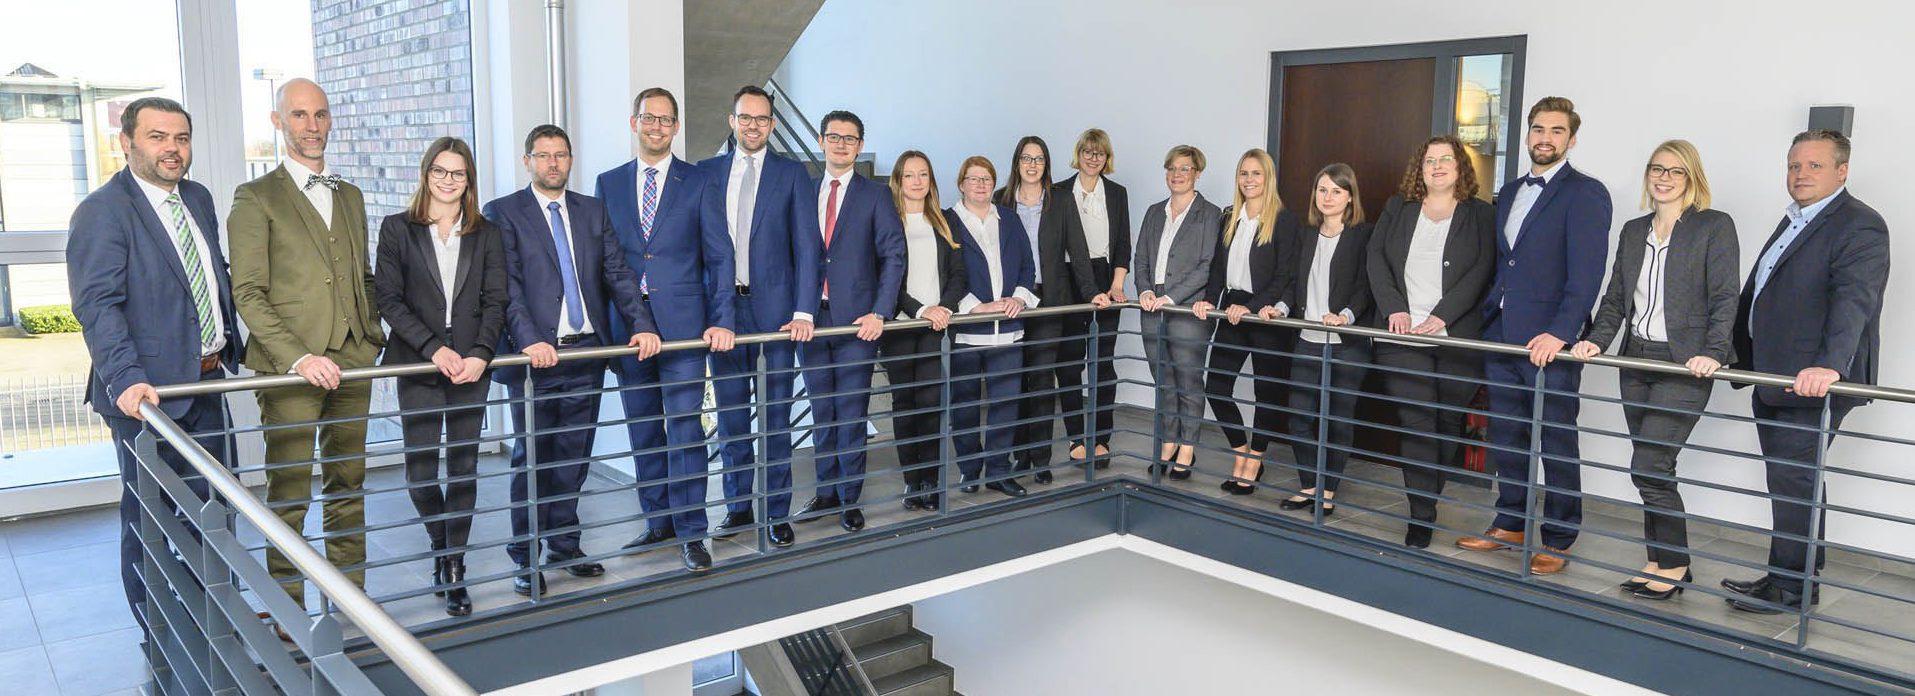 Mitarbeiter BZG Steuerberater Wirtschaftsprüfer Rechtsanwalt Münster